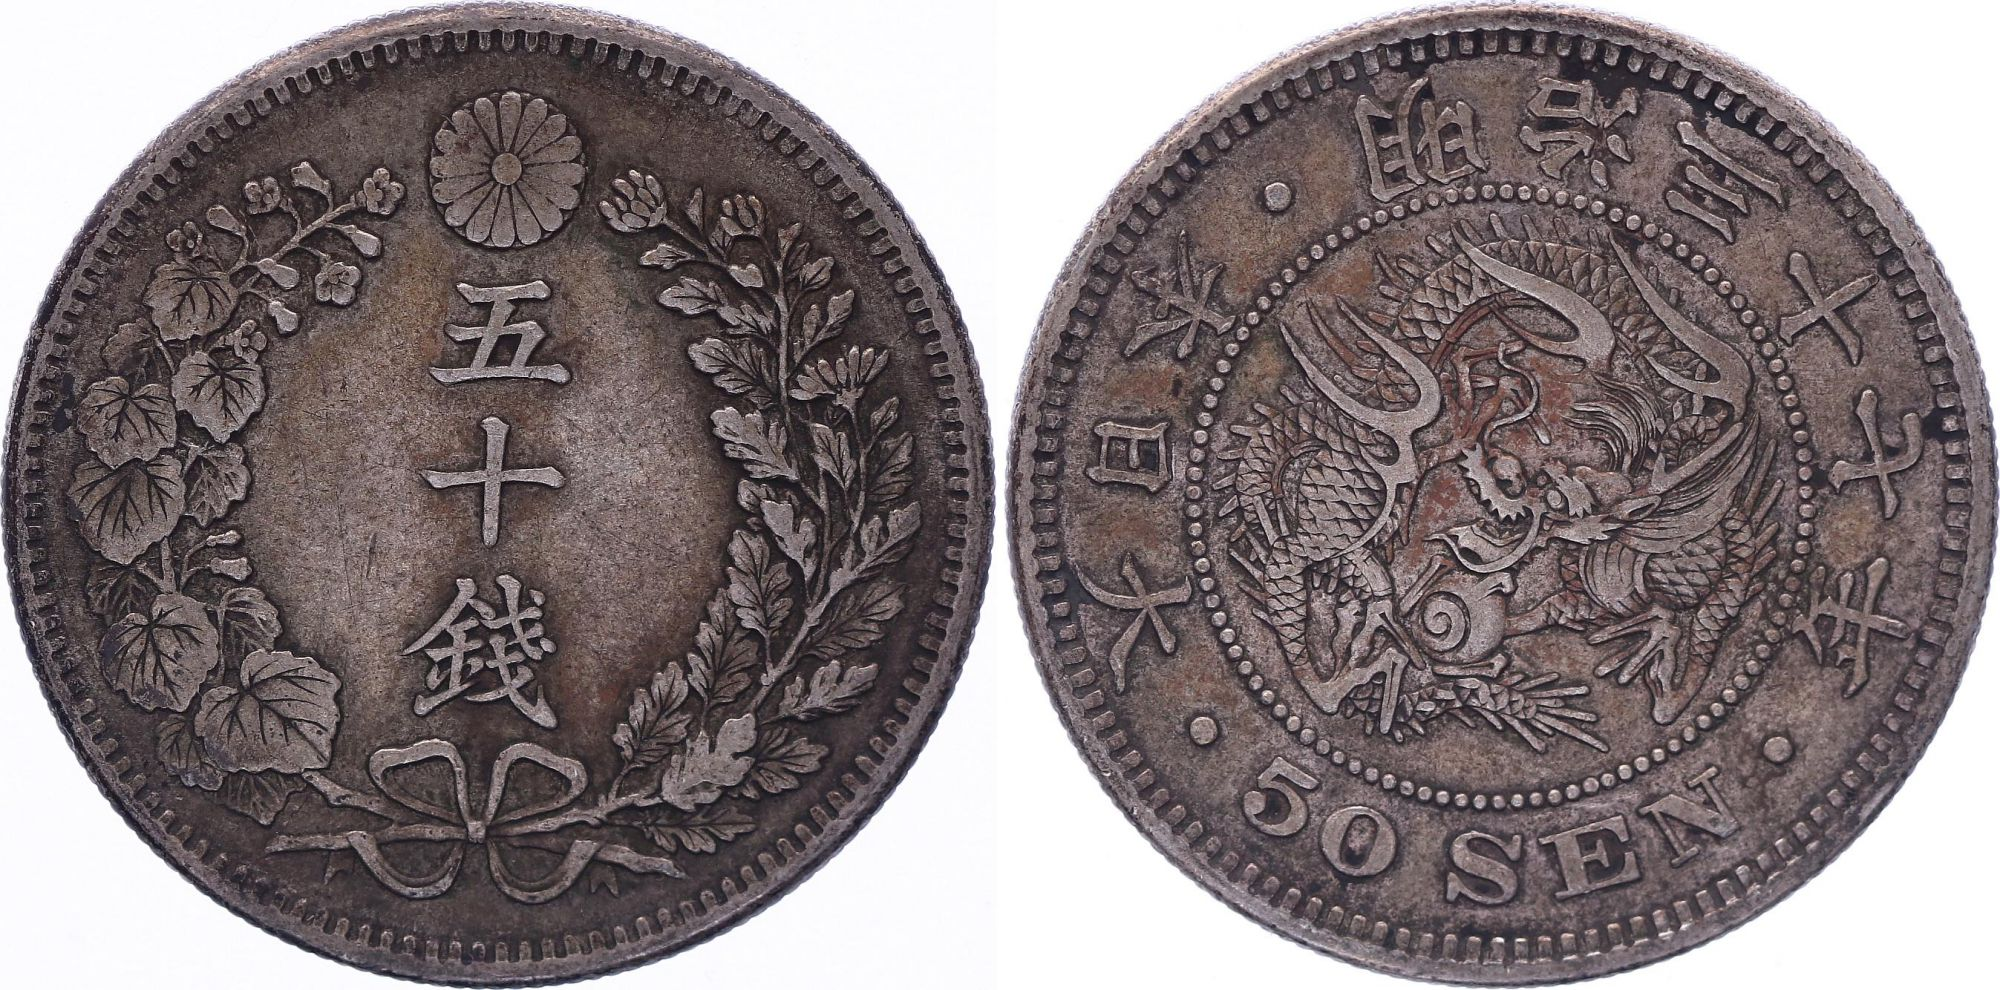 Japon 50 Sen Dragon - 1904 Meiji An 37